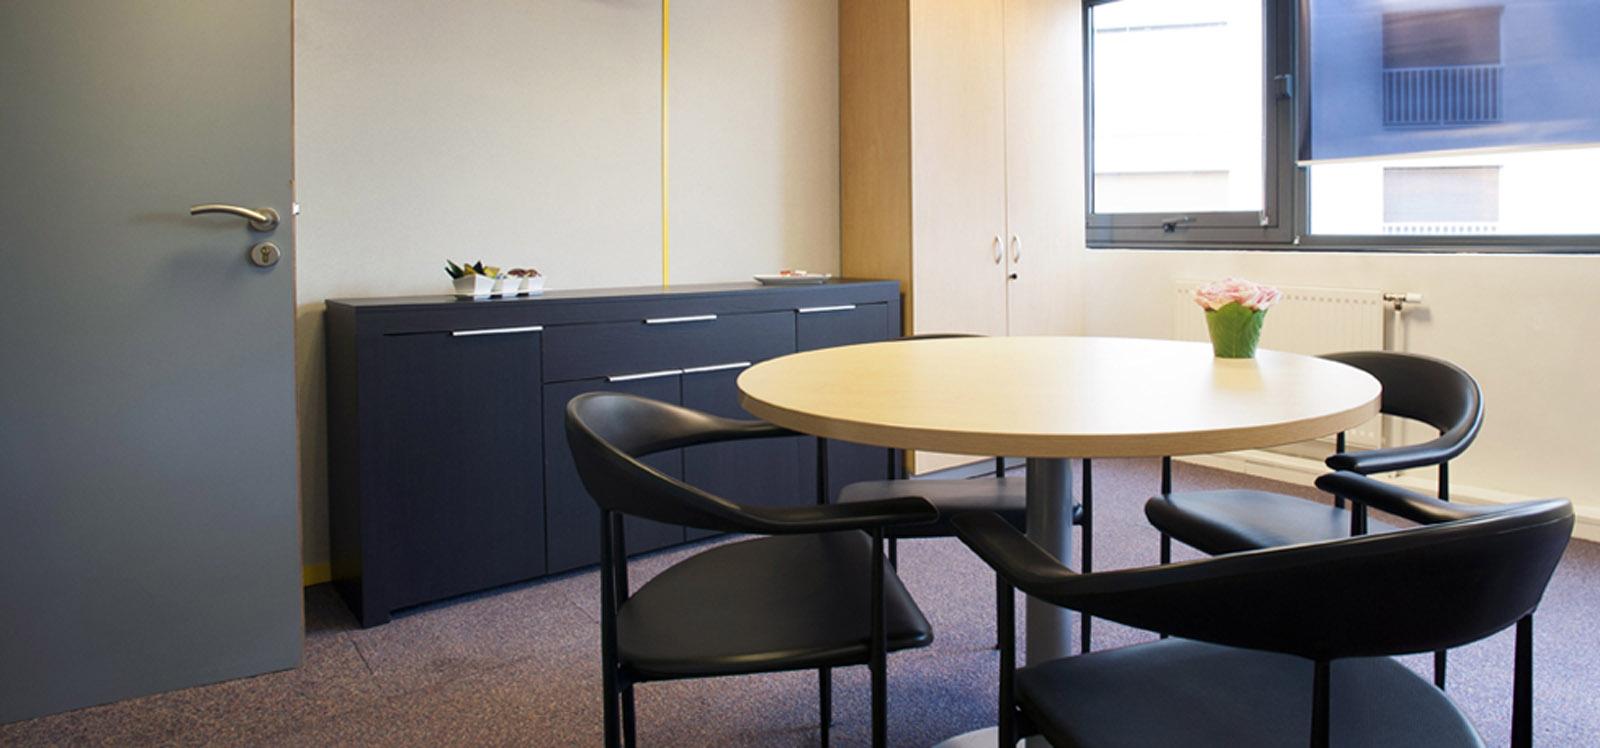 espace en commun dans un business center proposant des bureaux à louer à Paris